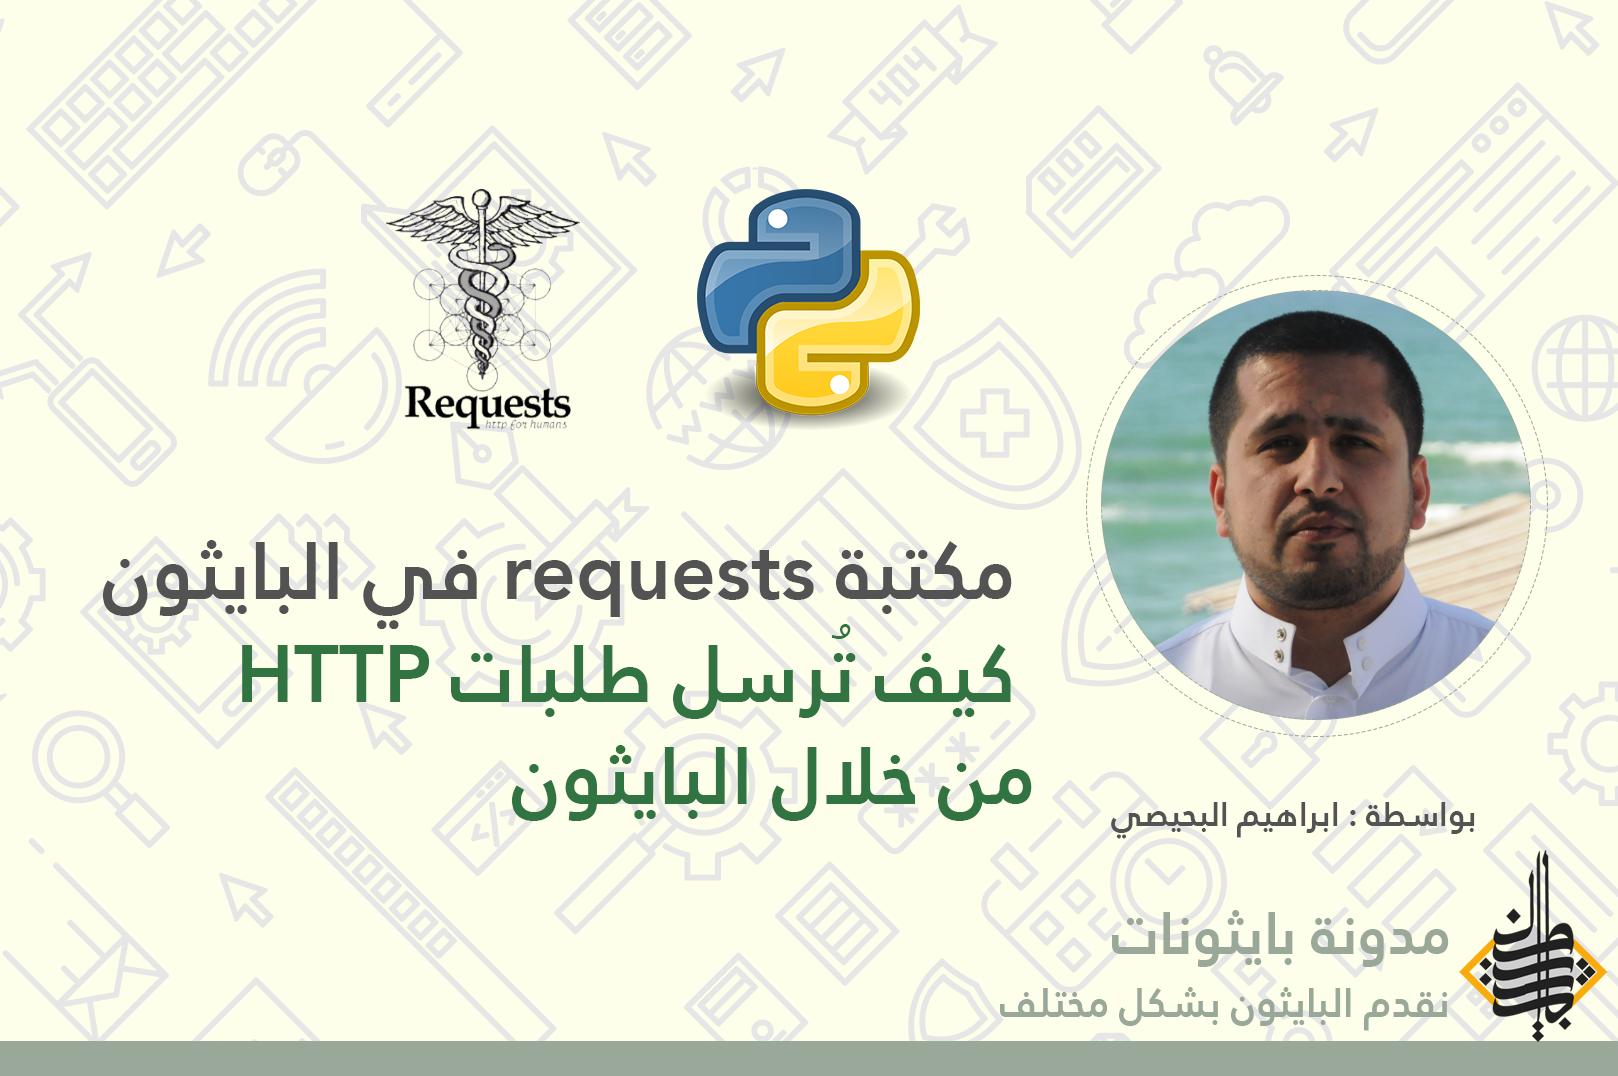 مكتبة requests في البايثون - كيف تُرسل طلبات HTTP من بايثون